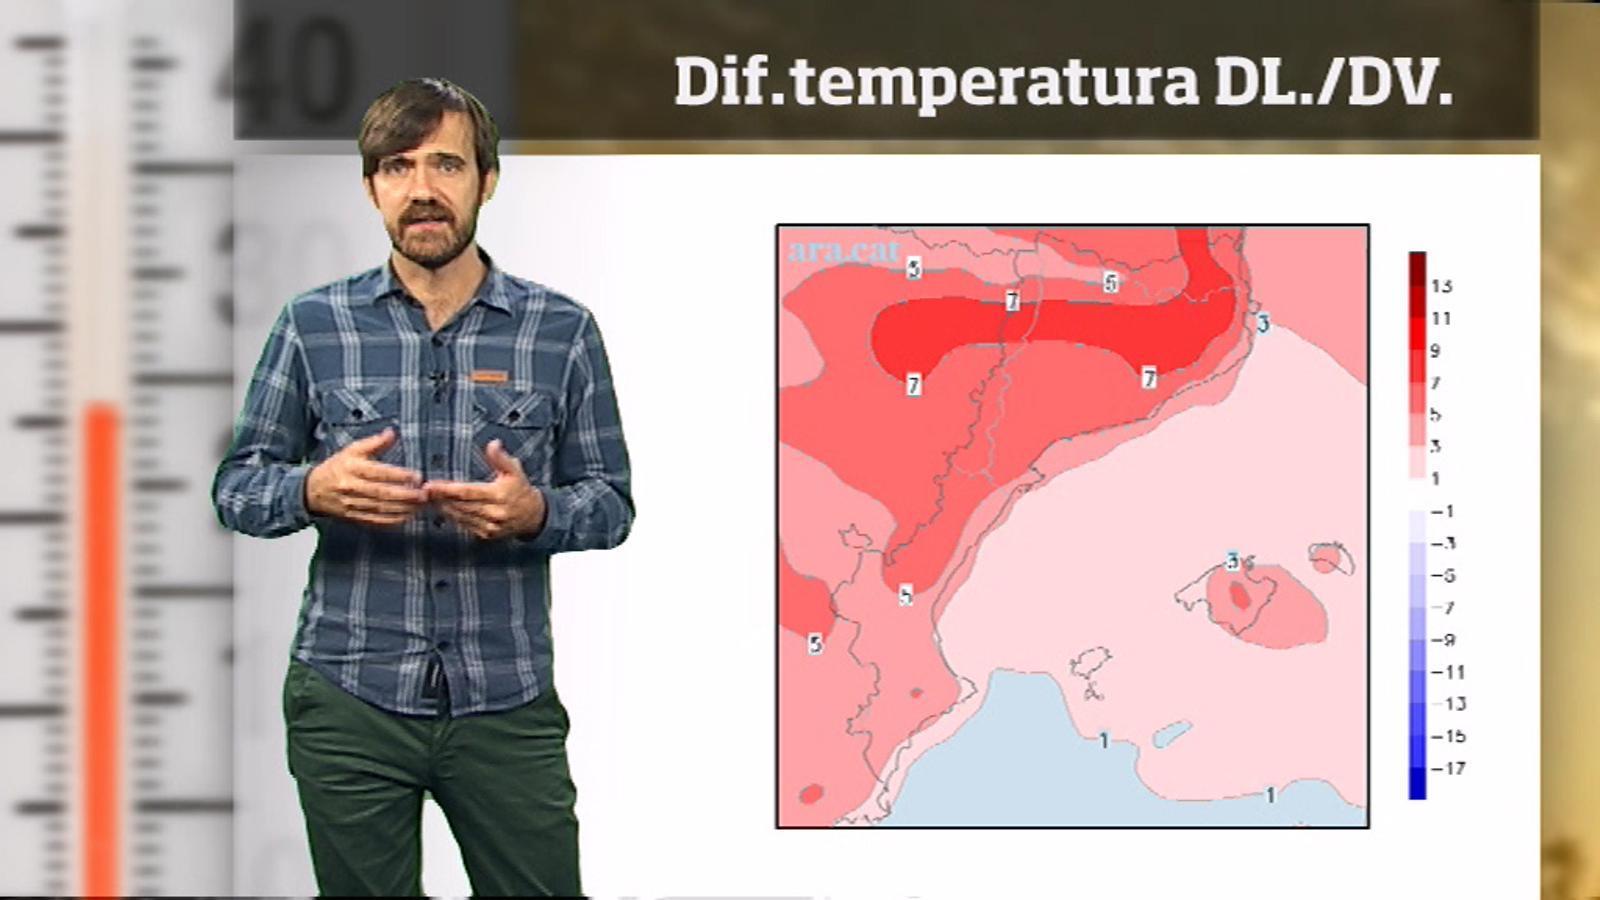 La méteo en 1 minut: estiuet i temps anticiclónic